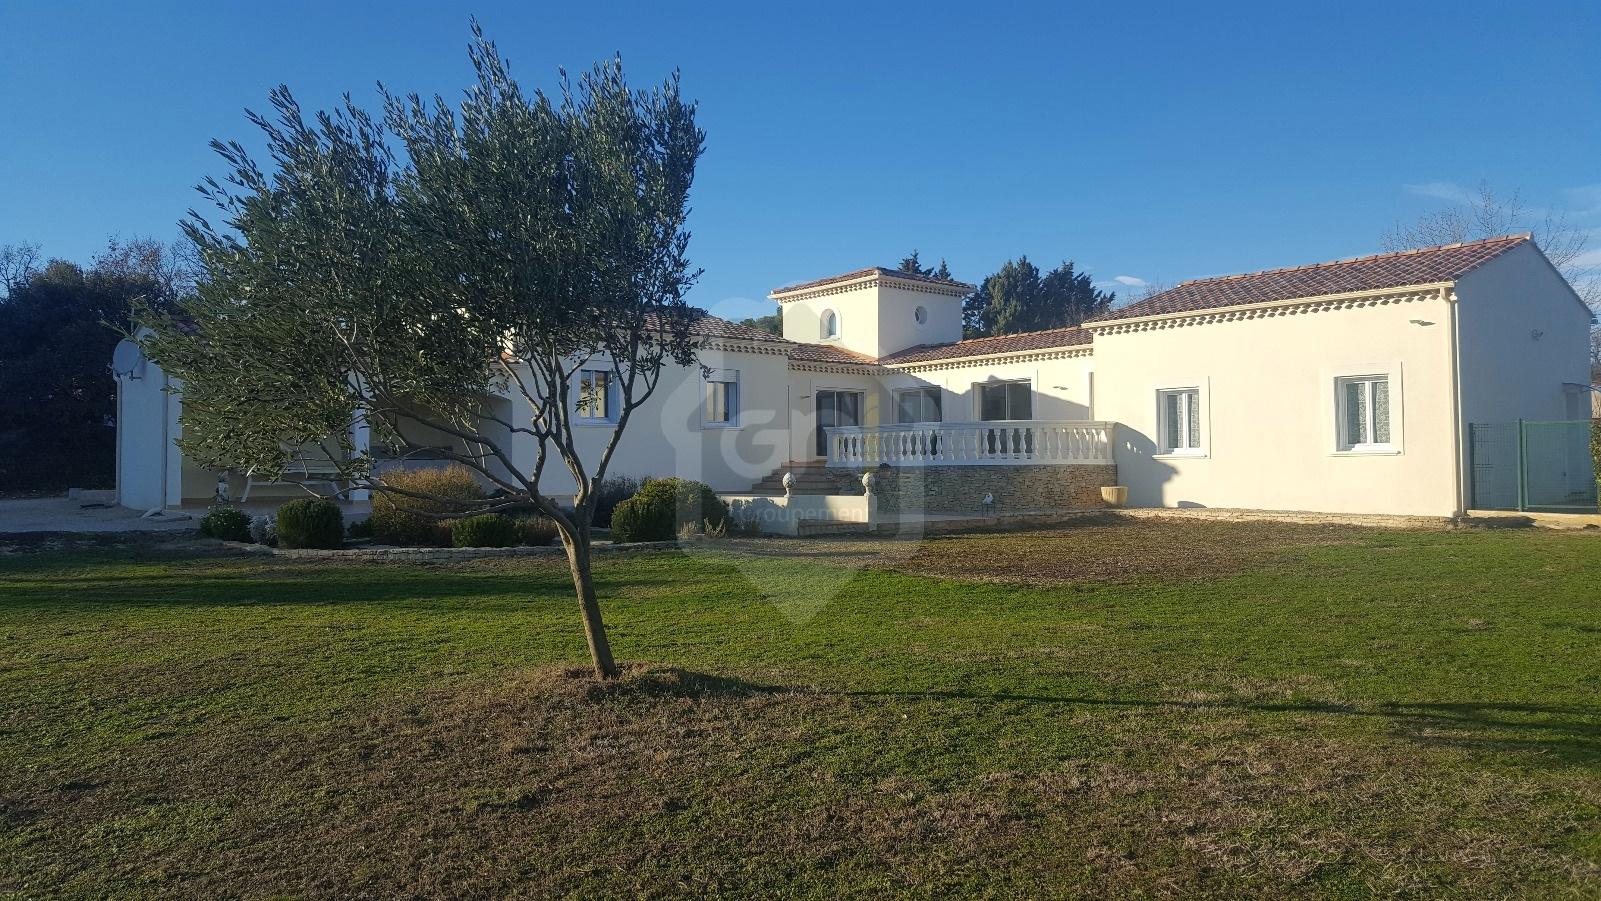 Vente maison/villa 7 pièces lagarde pareol 84290